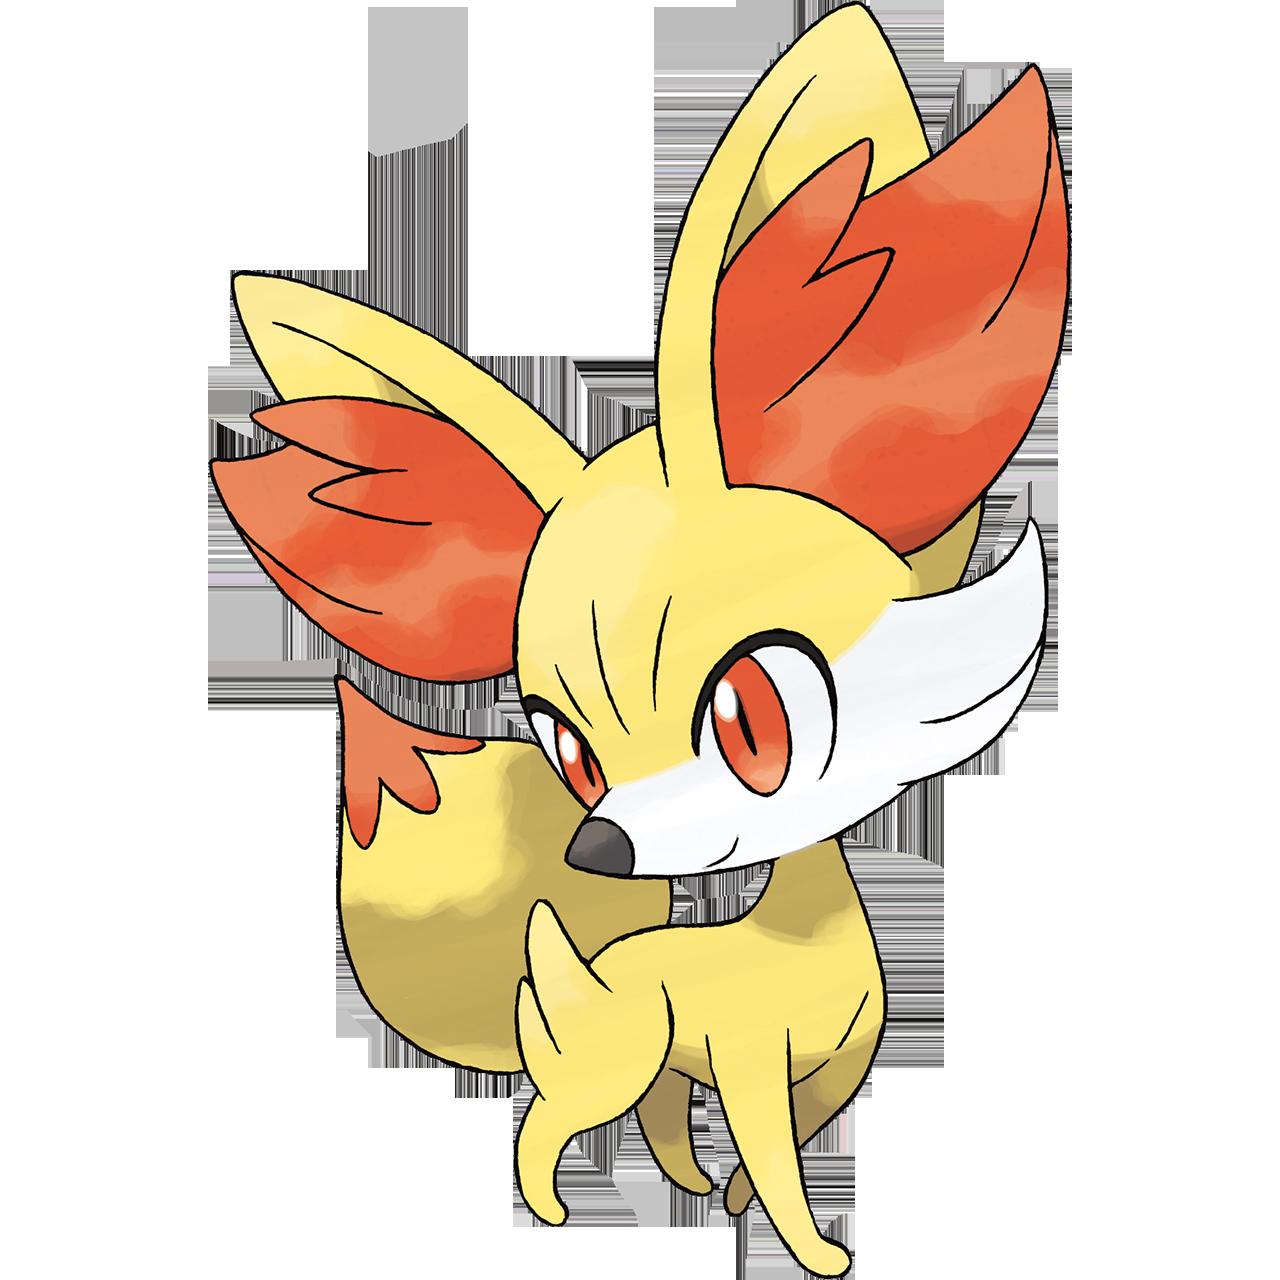 Download PNG image - Pokemon Free Png Image 808